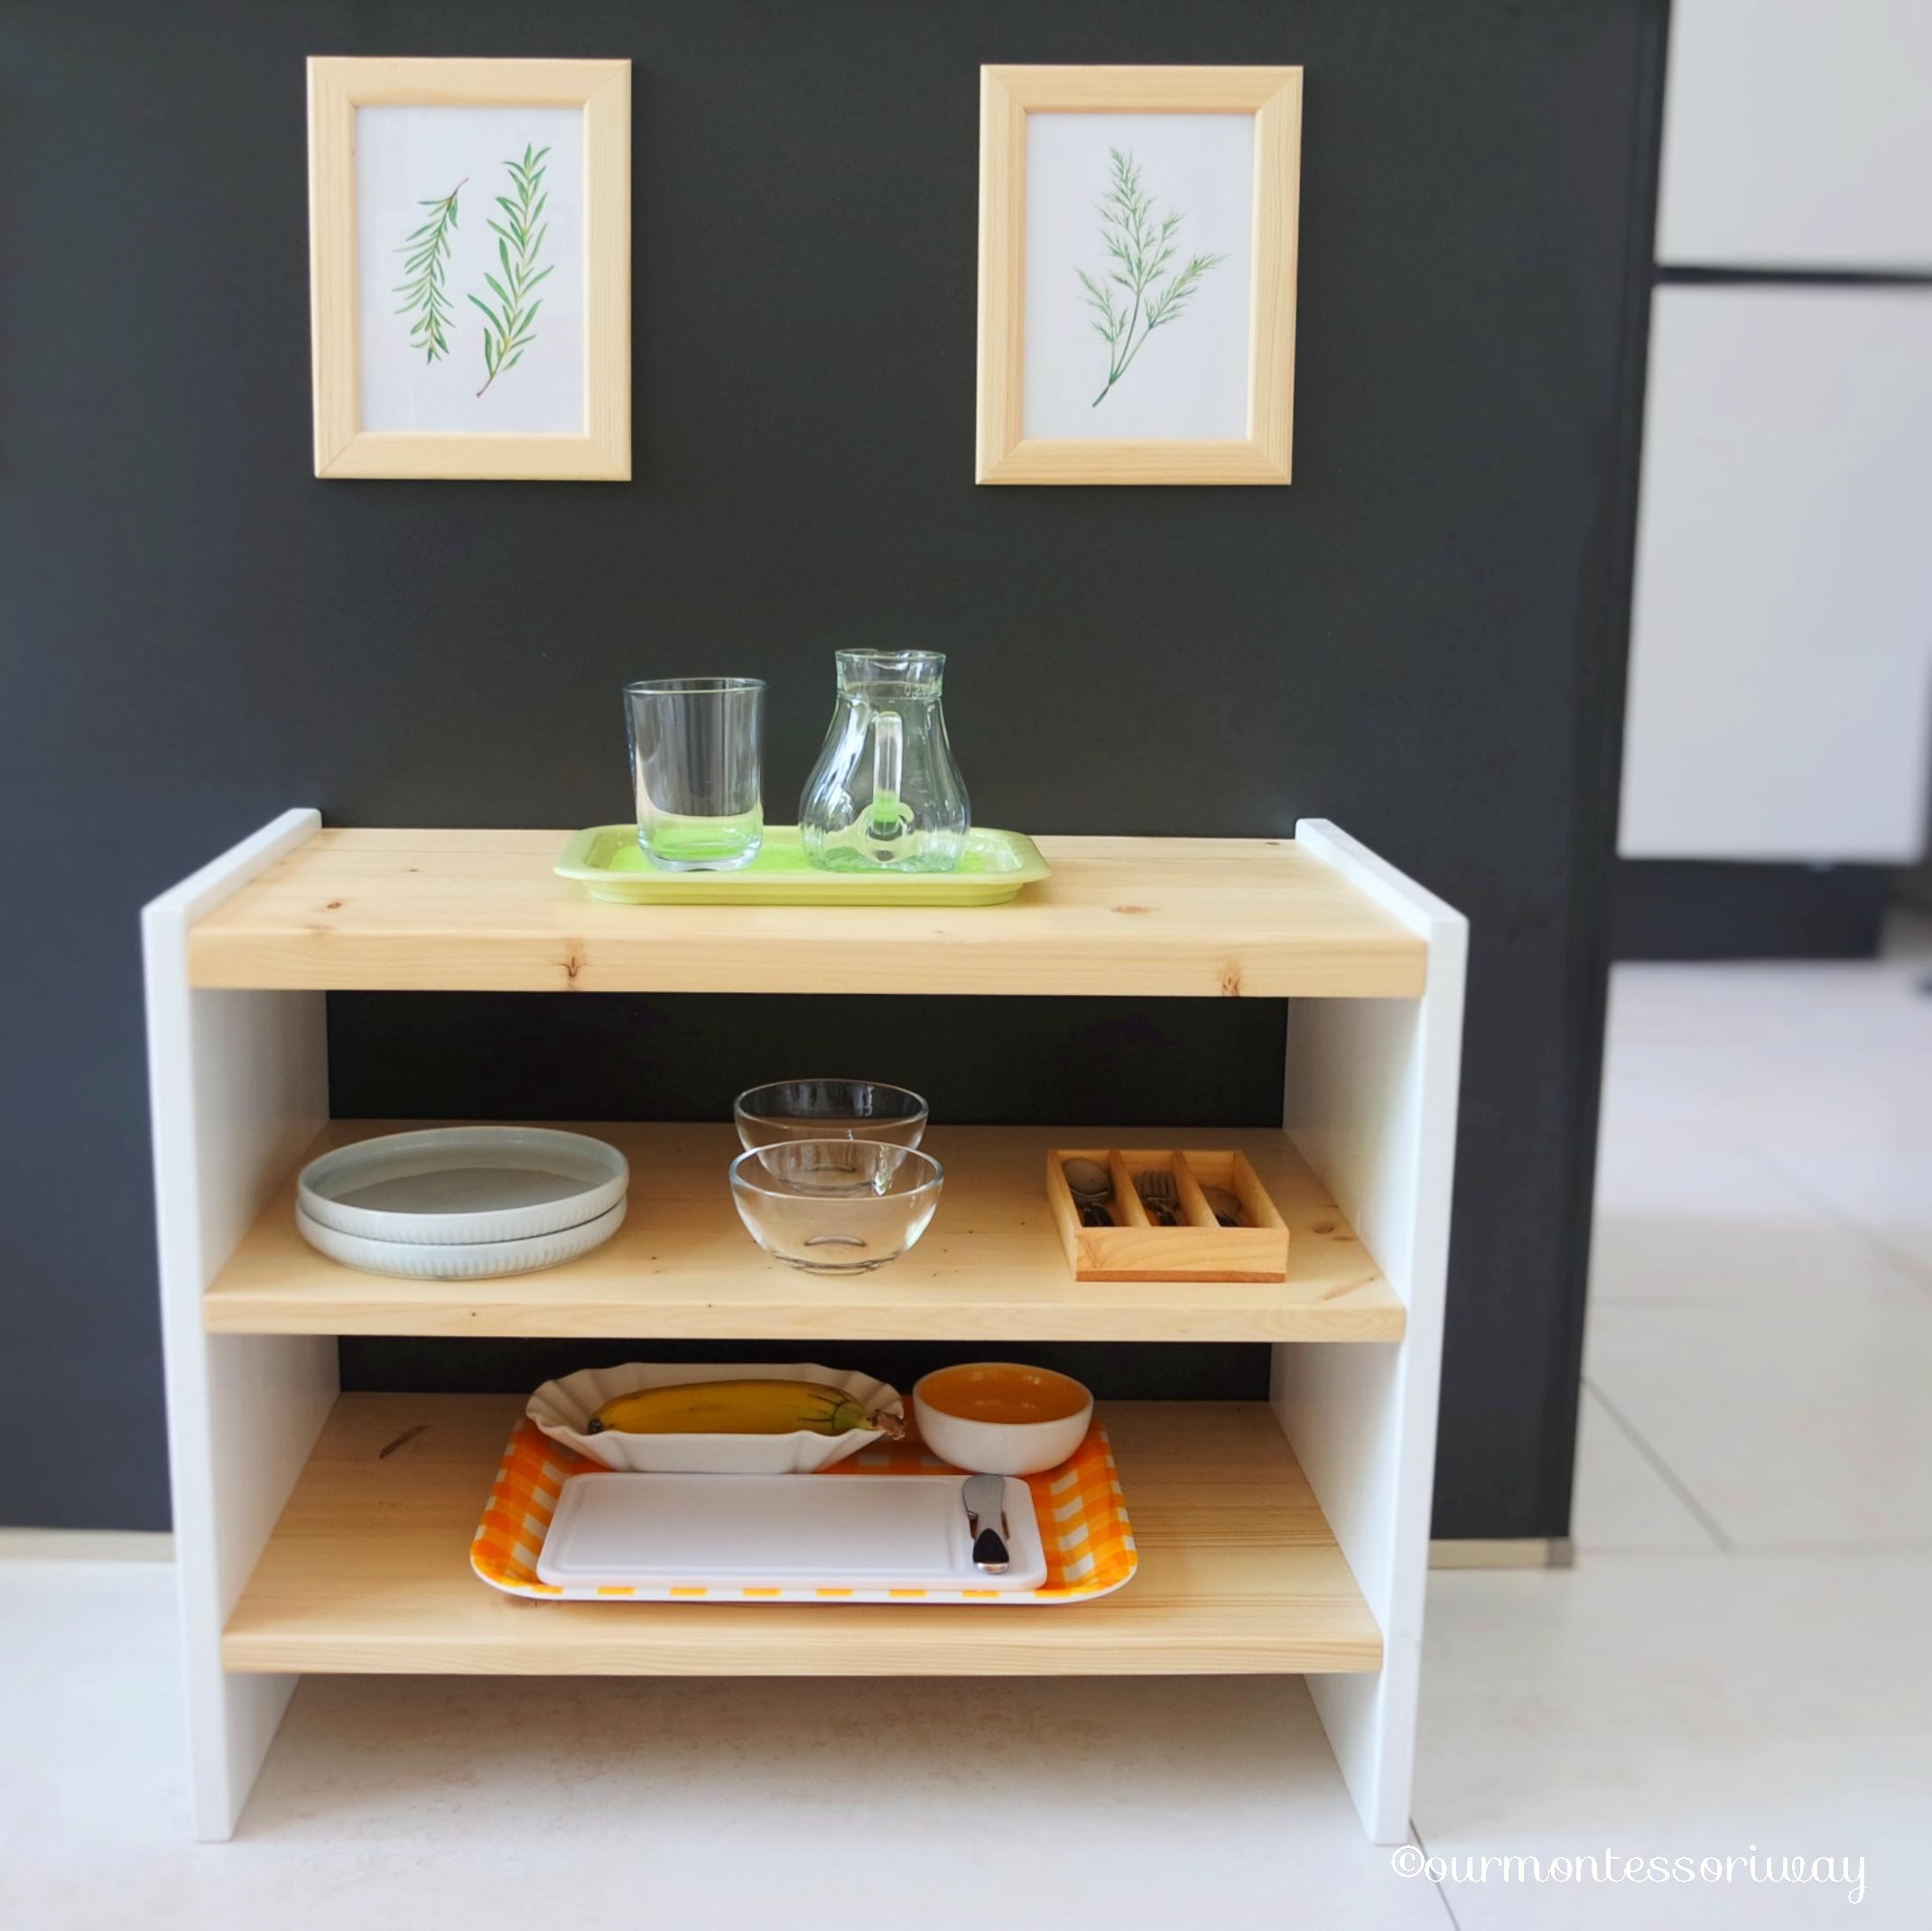 Unsere Diy Montessori Kinderkuche Teil 1 Regale Arbeitsbereich Und Spultisch Ourmontessoriway